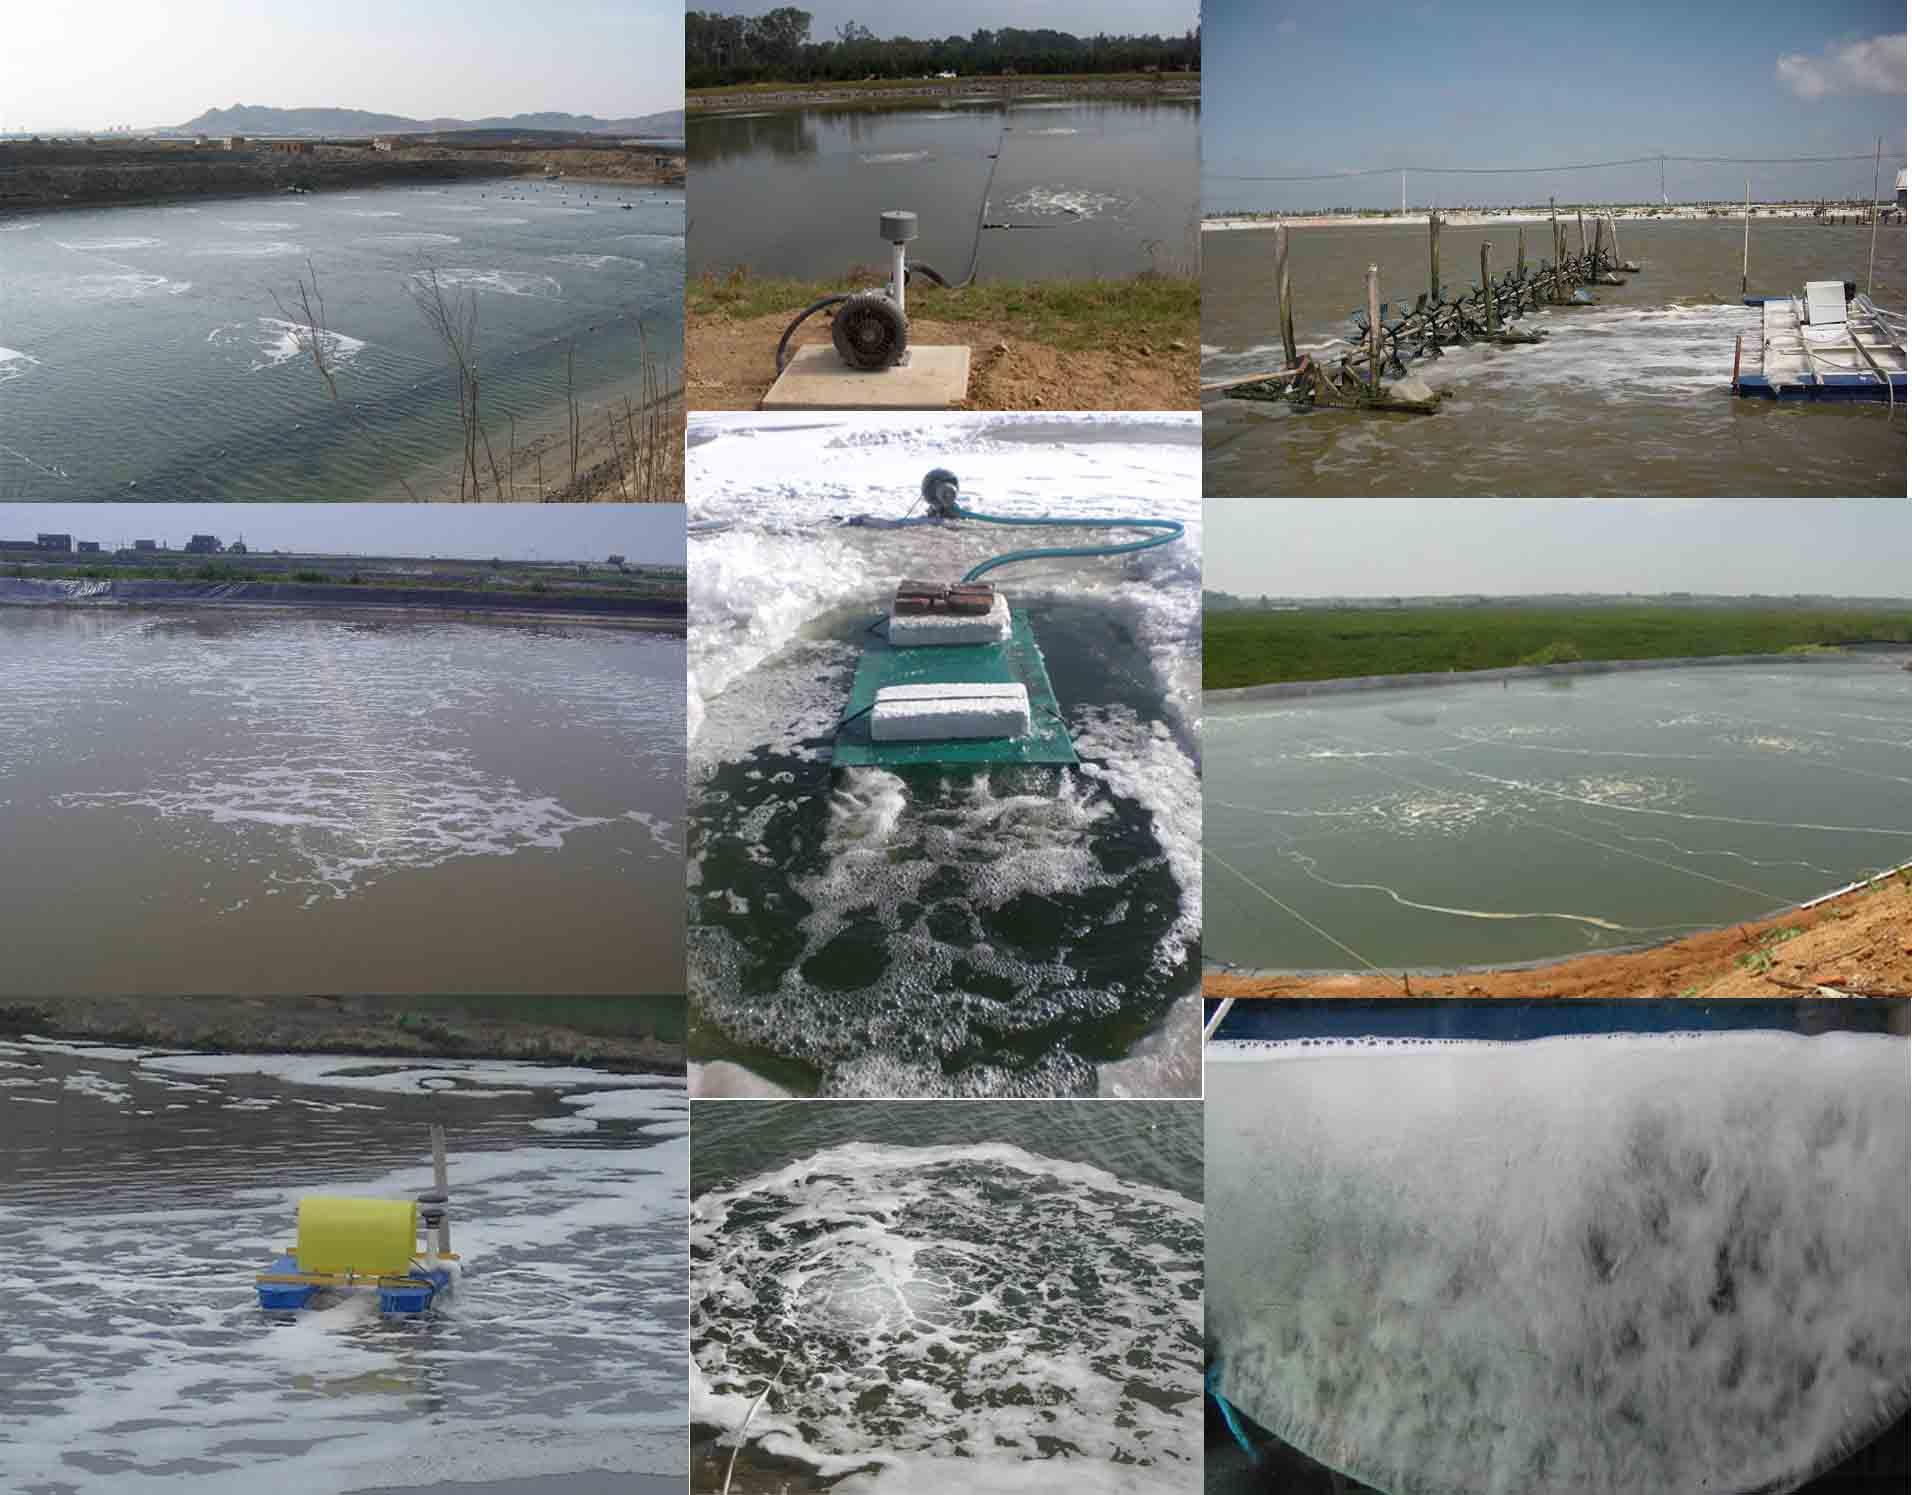 高压风机漩涡气泵水产养殖的应用案例